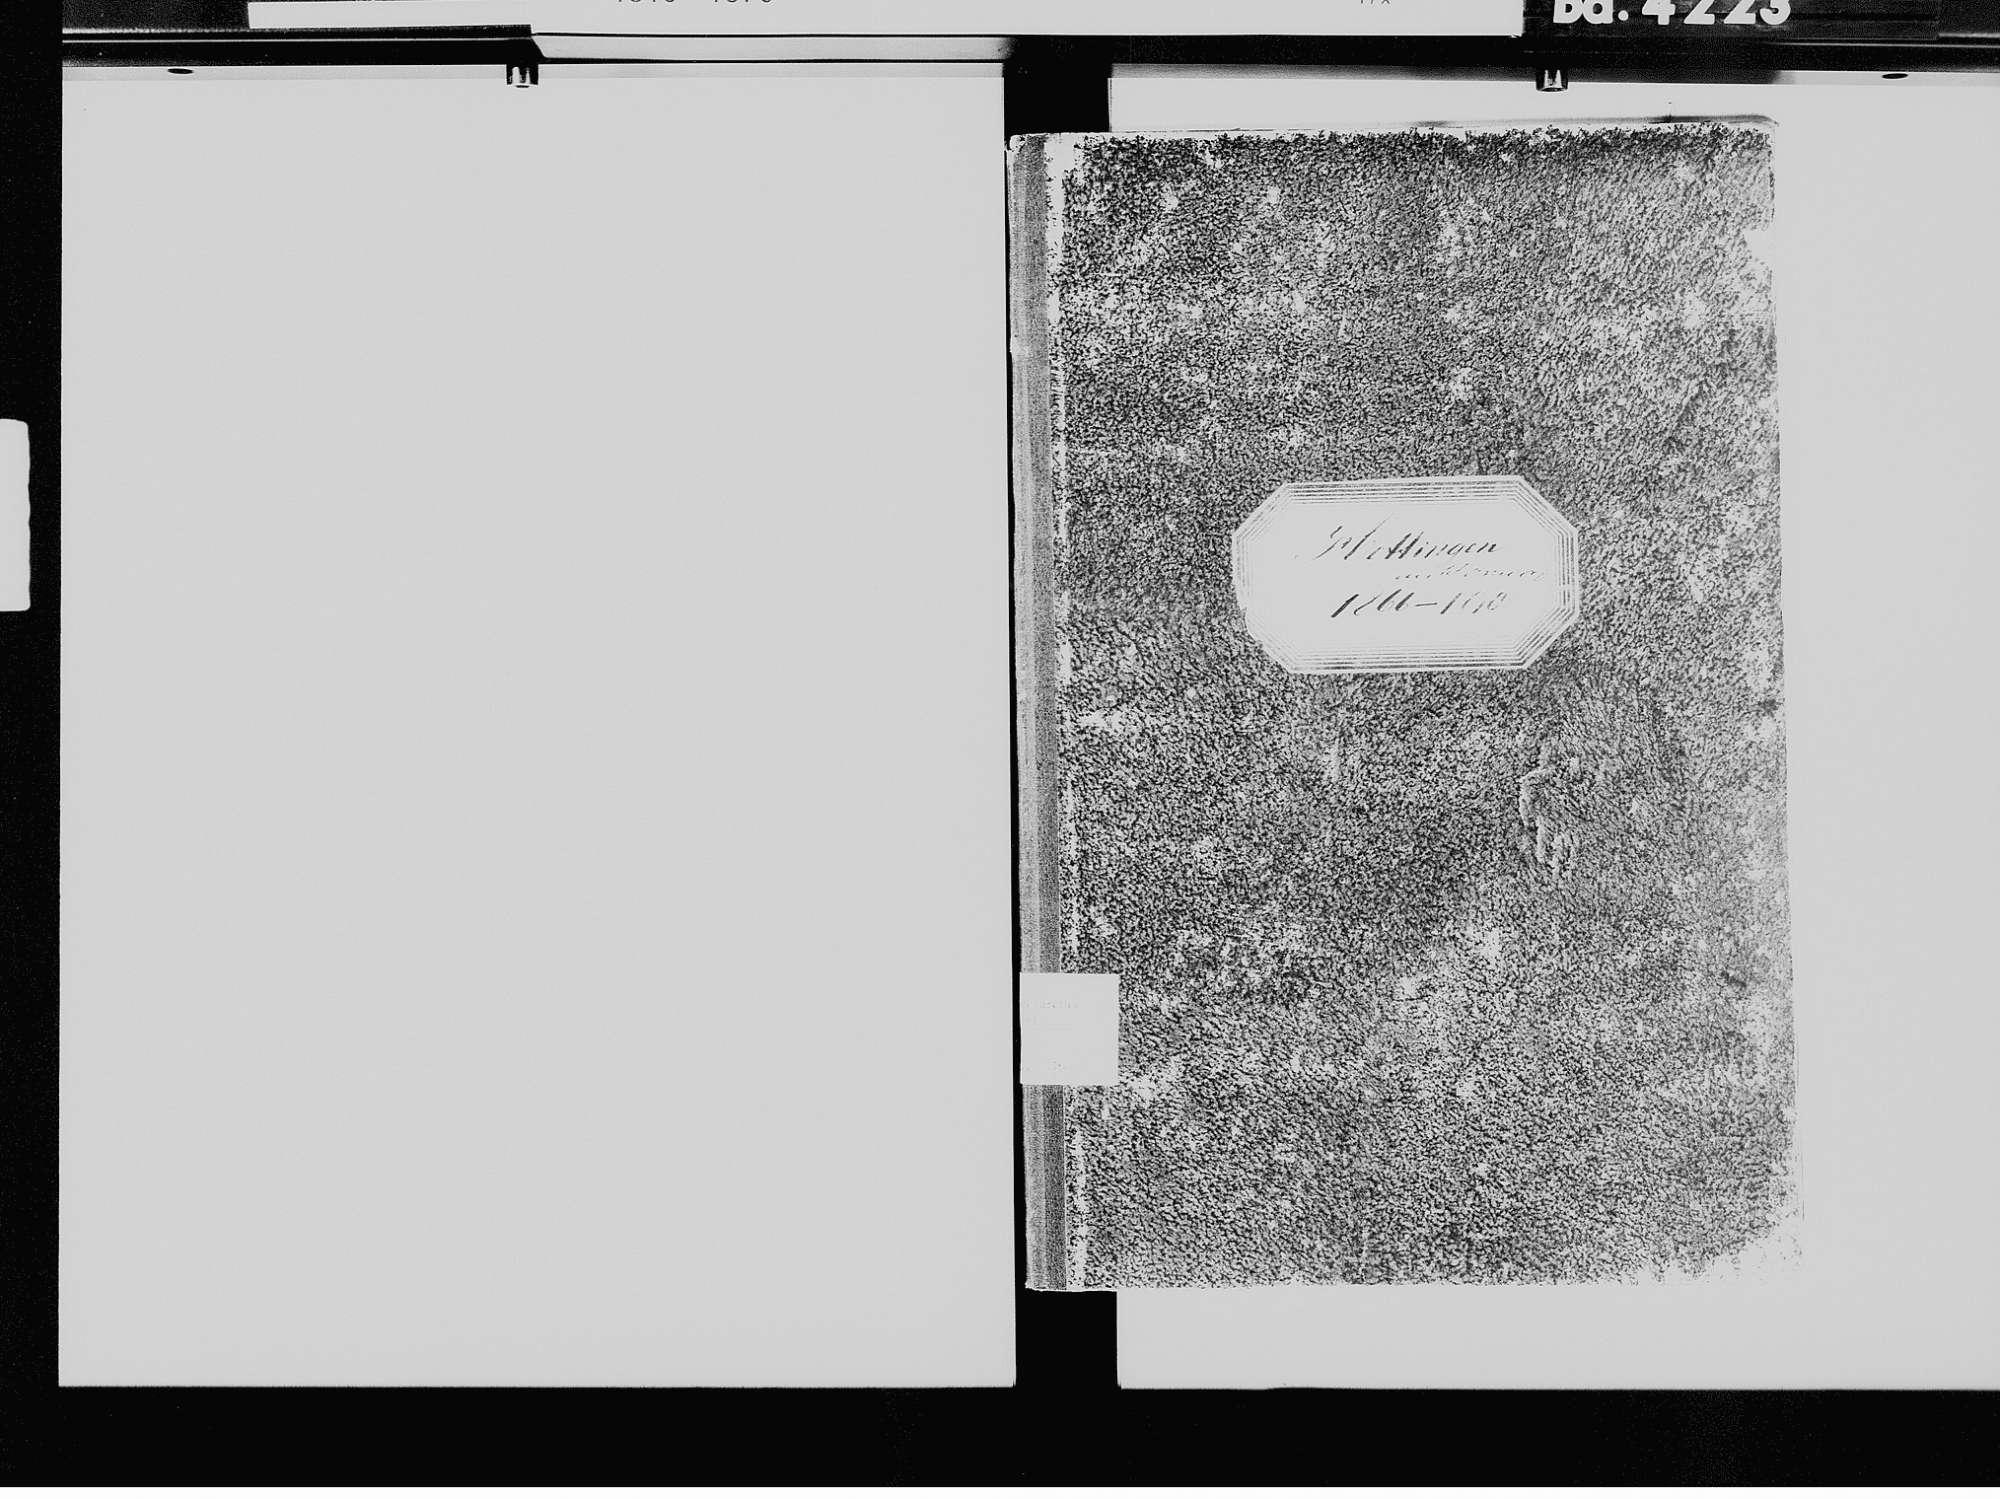 Hottingen, Rickenbach WT; Katholische Gemeinde: Sterbebuch 1866-1870, Bild 3